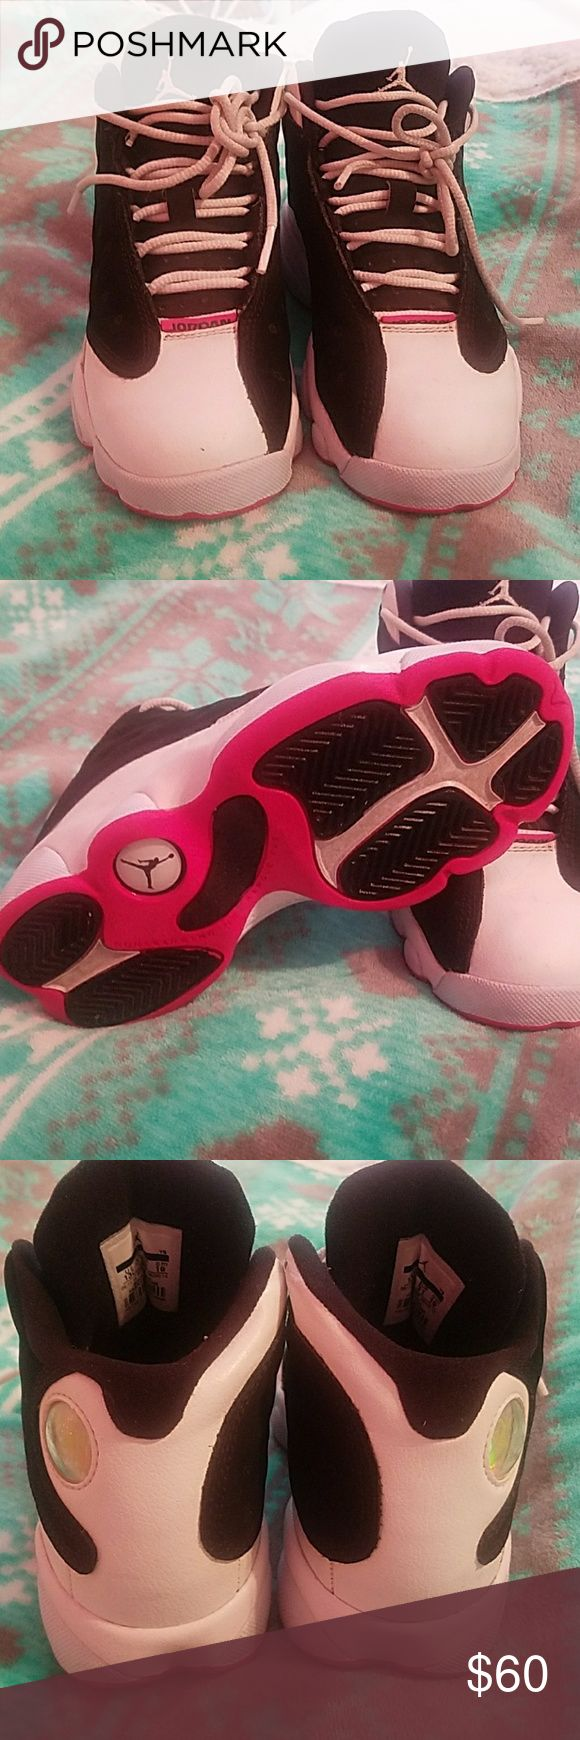 Kids Jordan Jordans Retro 13 for kids Jordan Shoes Sneakers